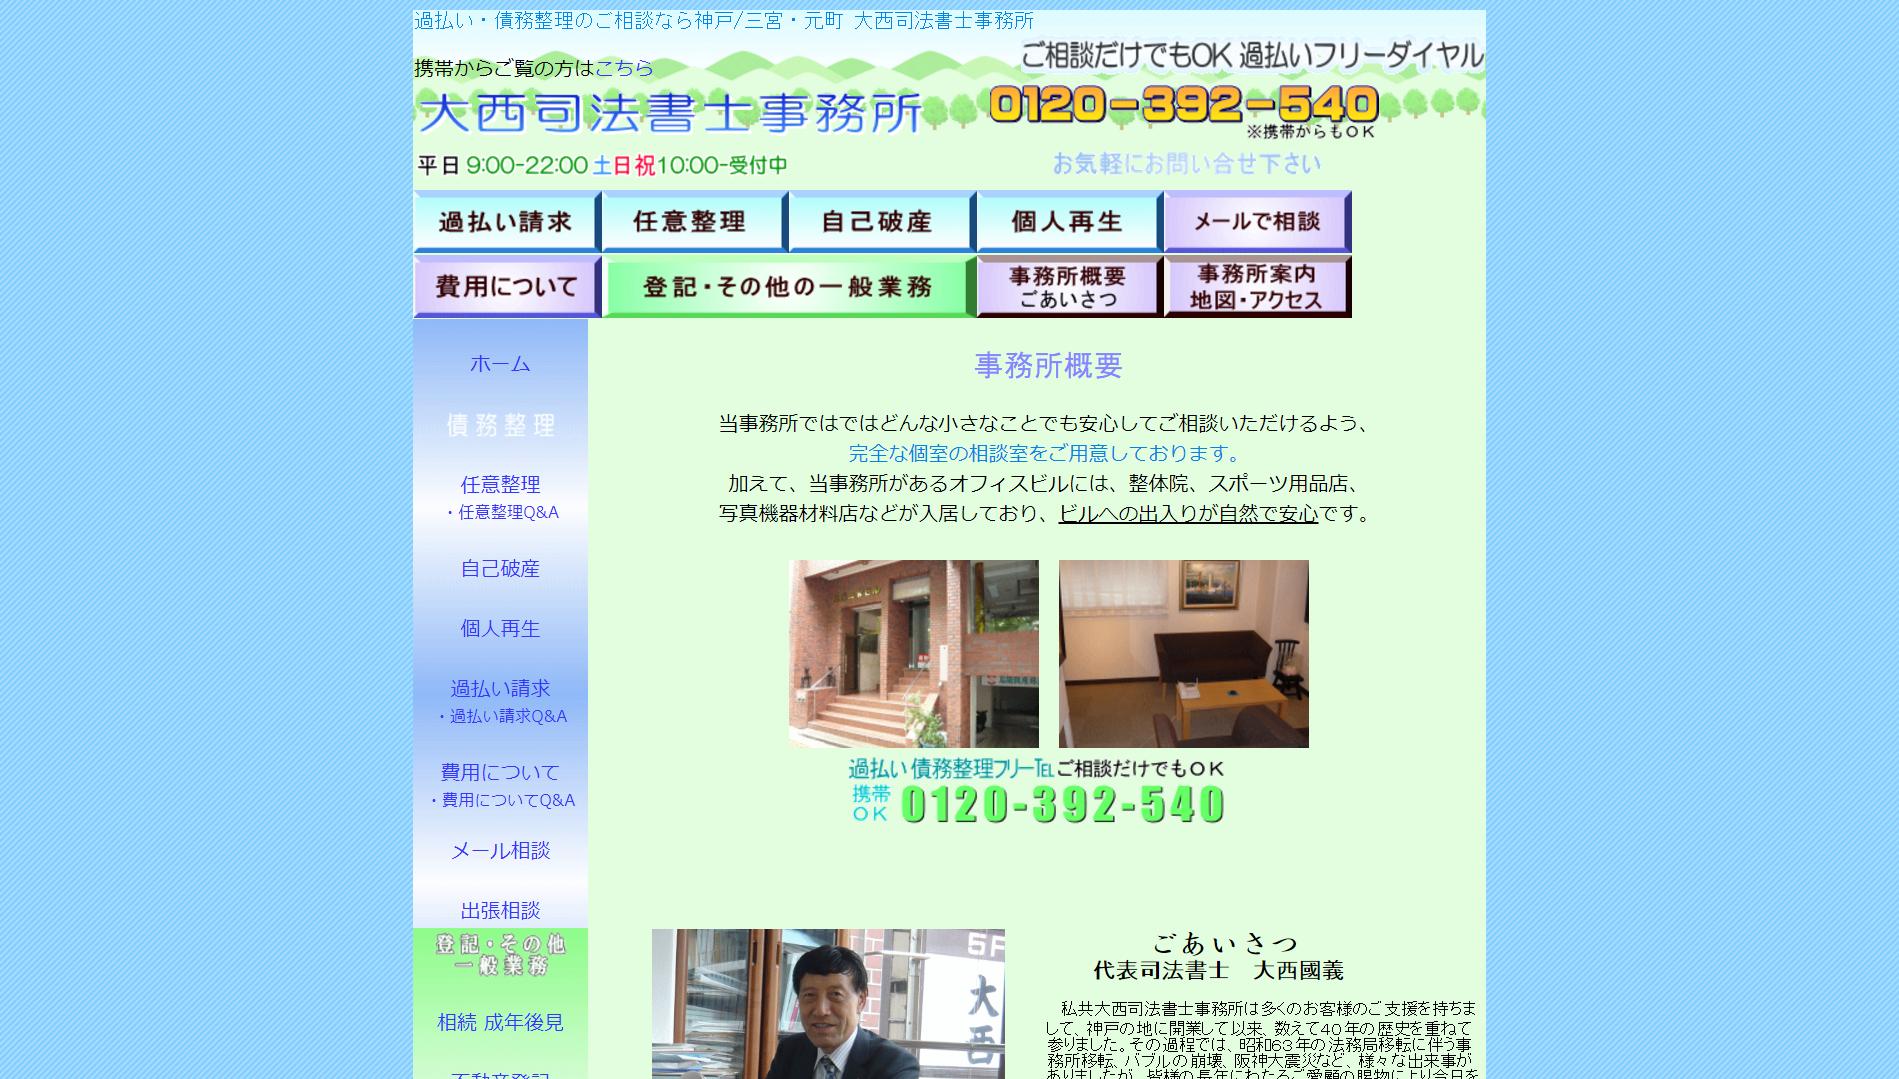 大西司法書士事務所(兵庫県神戸市中央区)